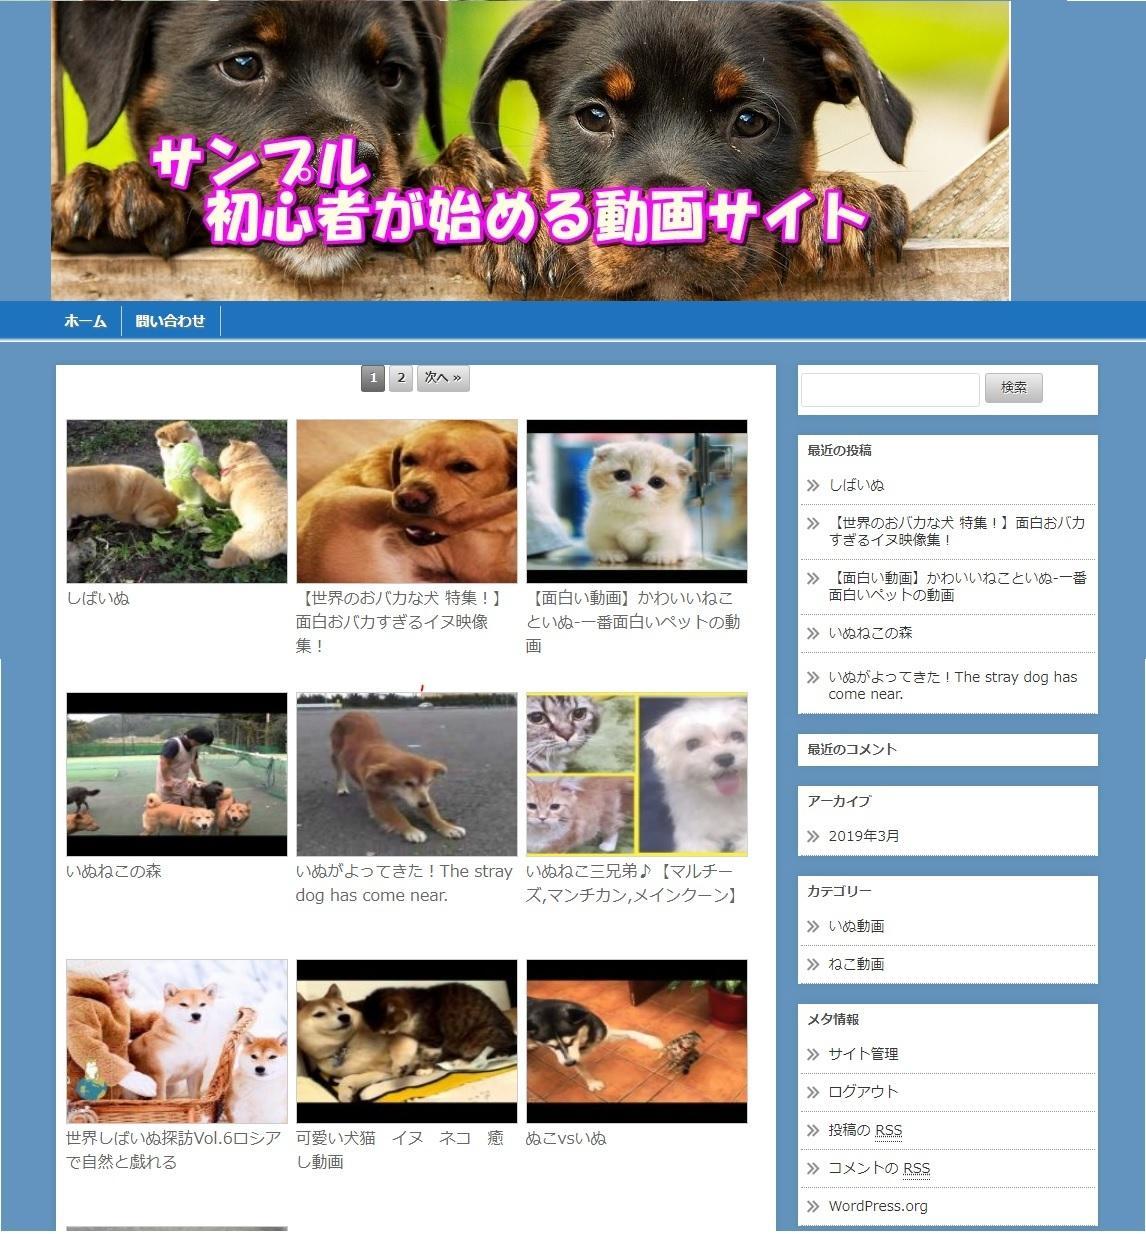 月額不要!3000円で高品質な動画サイトができます 動画サイトの基本が学べ独自テンプレート➕作成マニュアル付